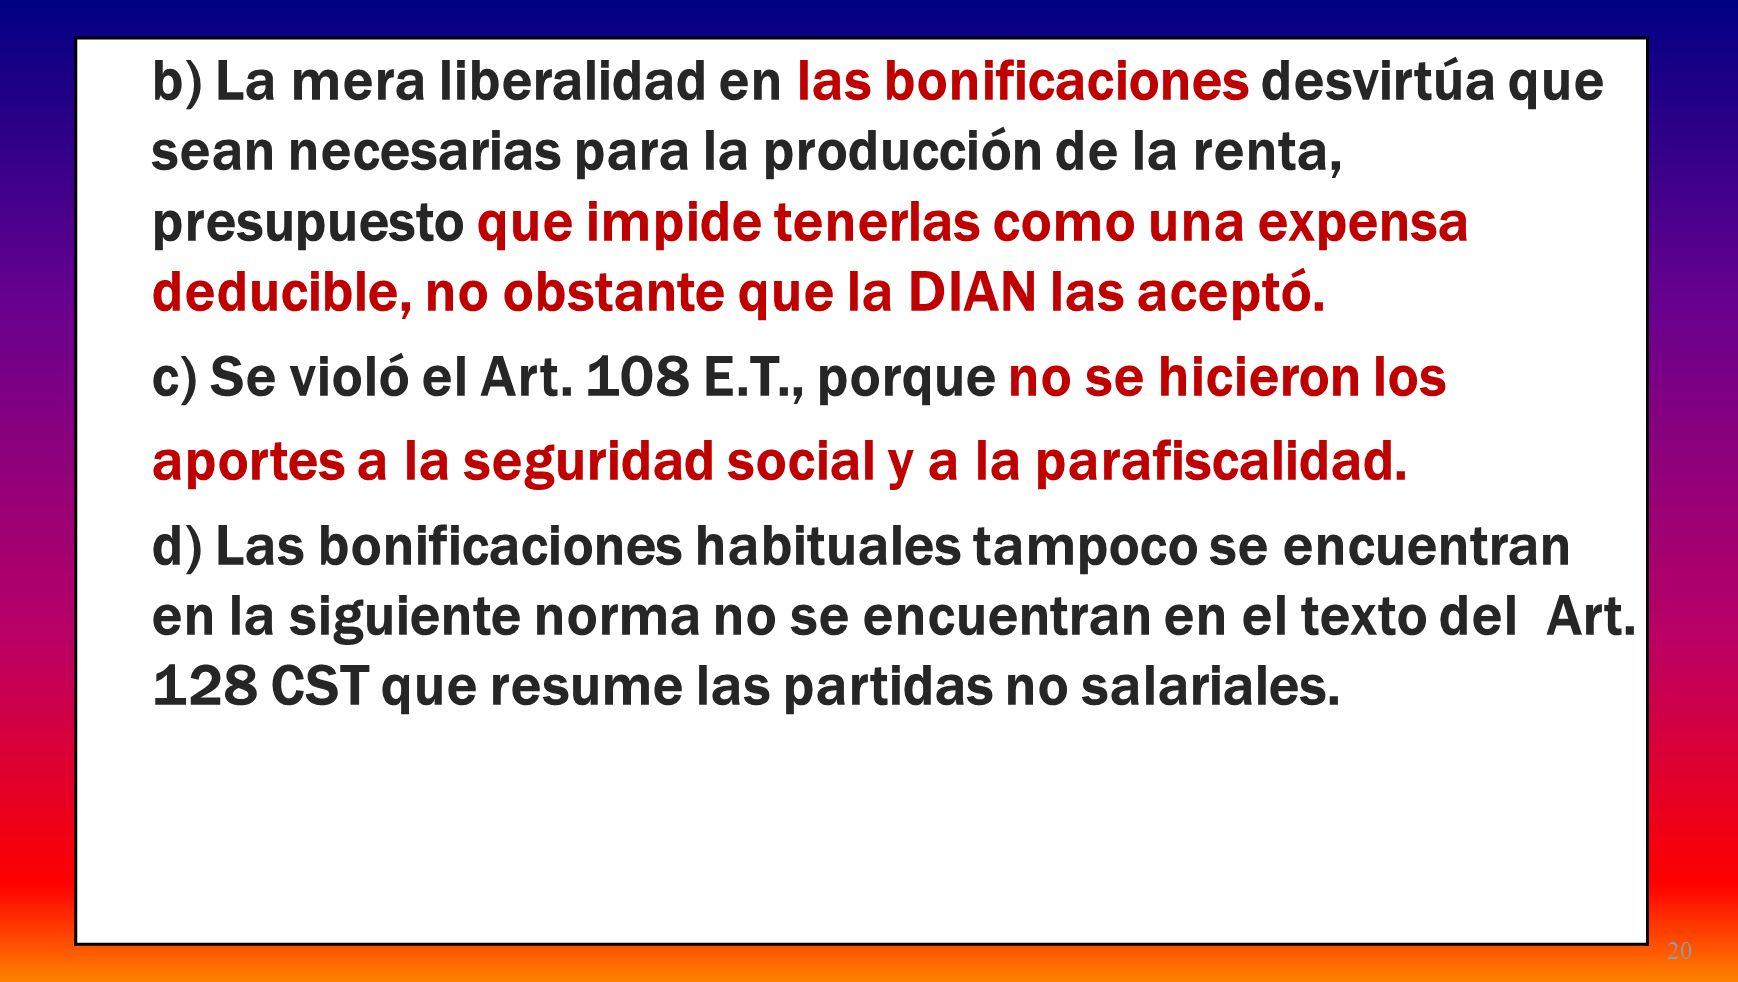 20 b) La mera liberalidad en las bonificaciones desvirtúa que sean necesarias para la producción de la renta, presupuesto que impide tenerlas como una